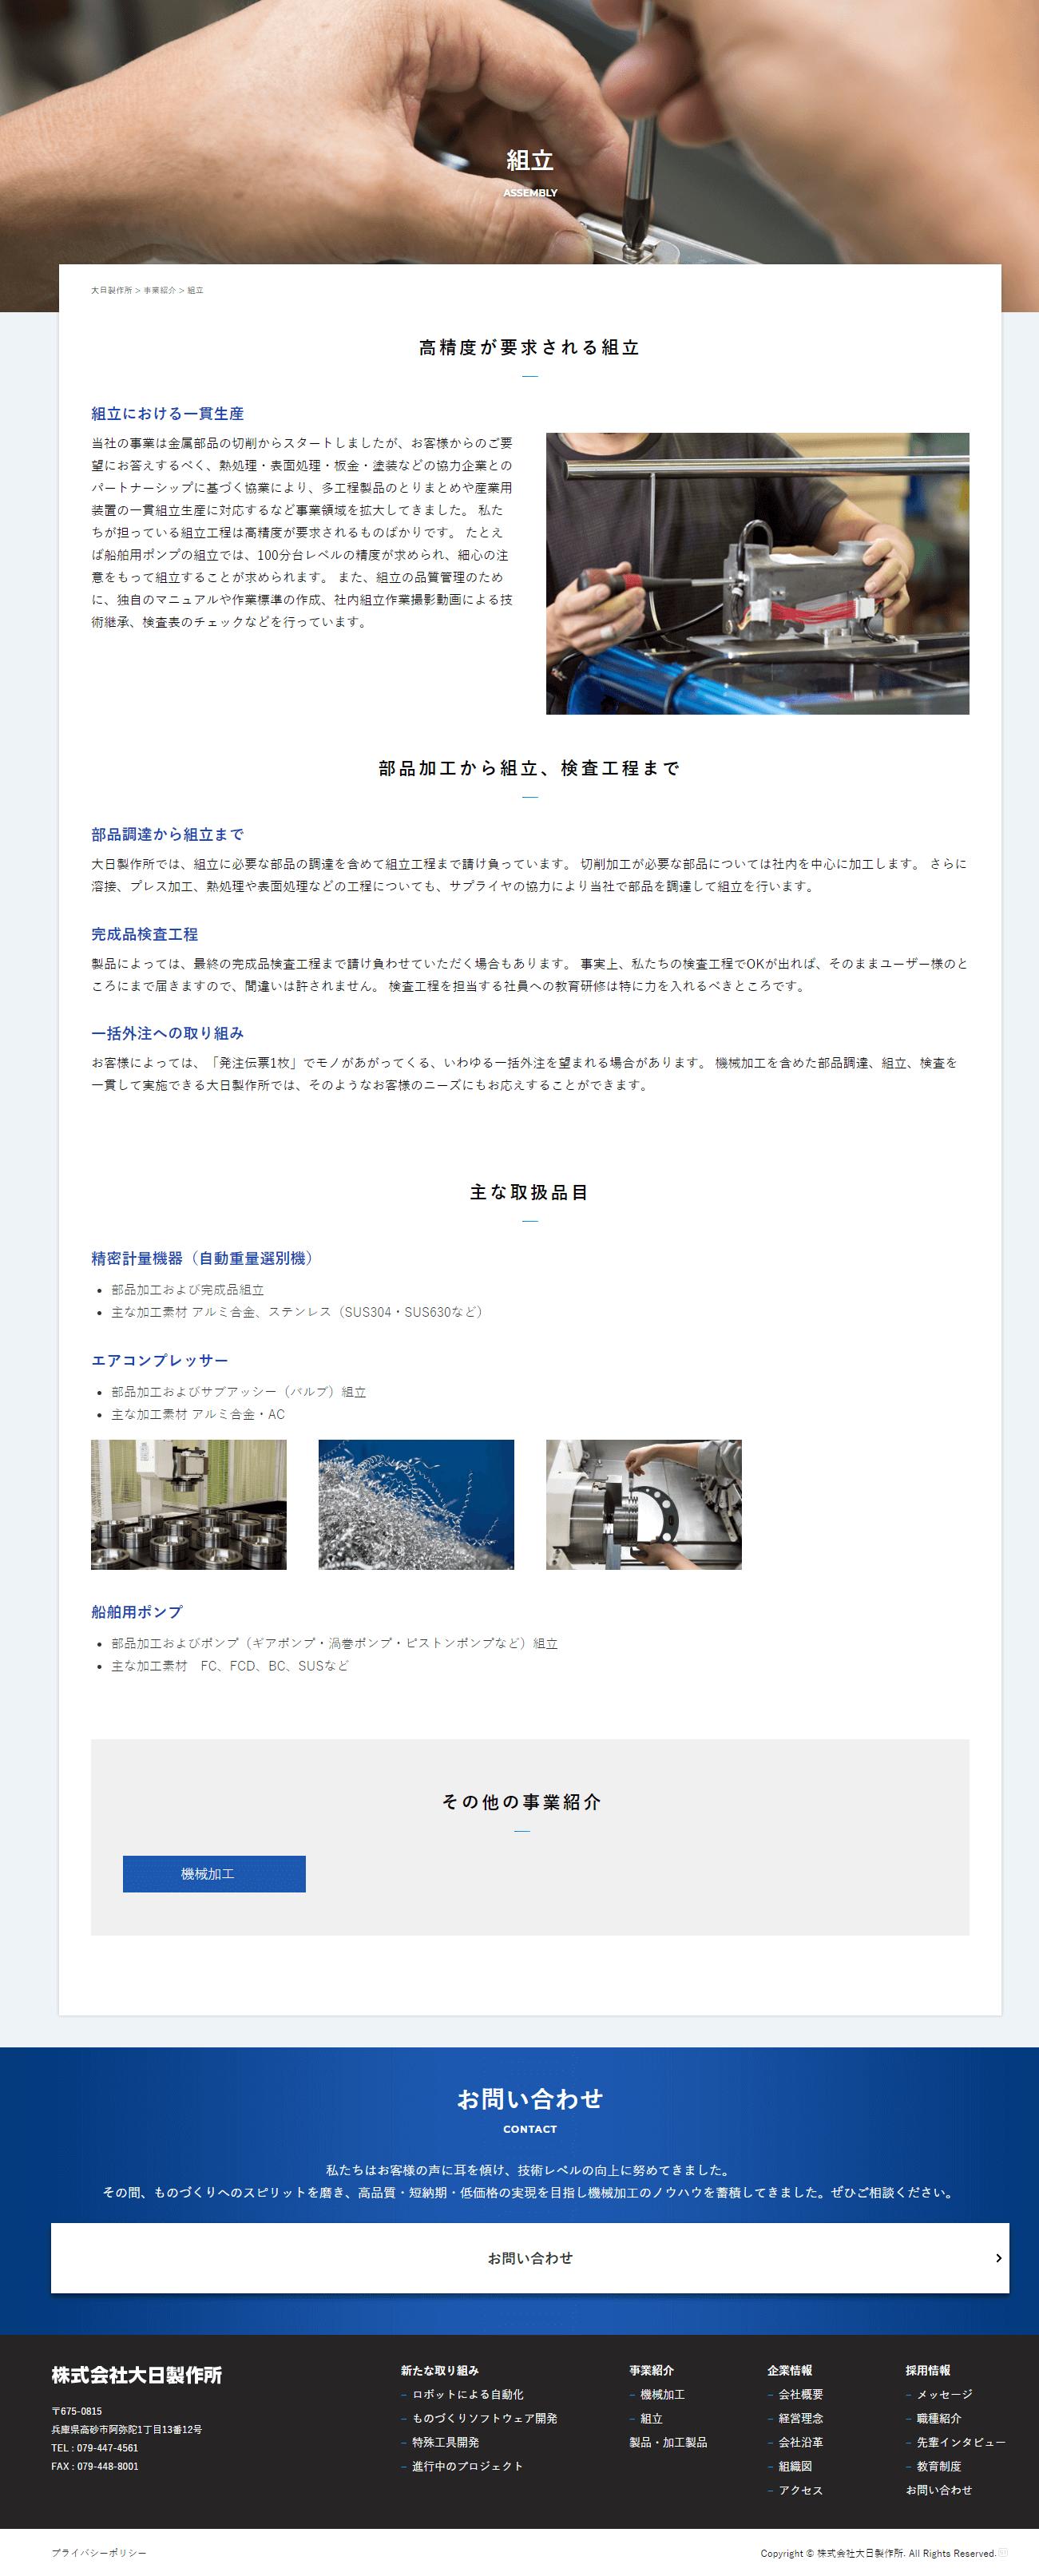 高砂市 株式会社大日製作所 ホームページ制作2